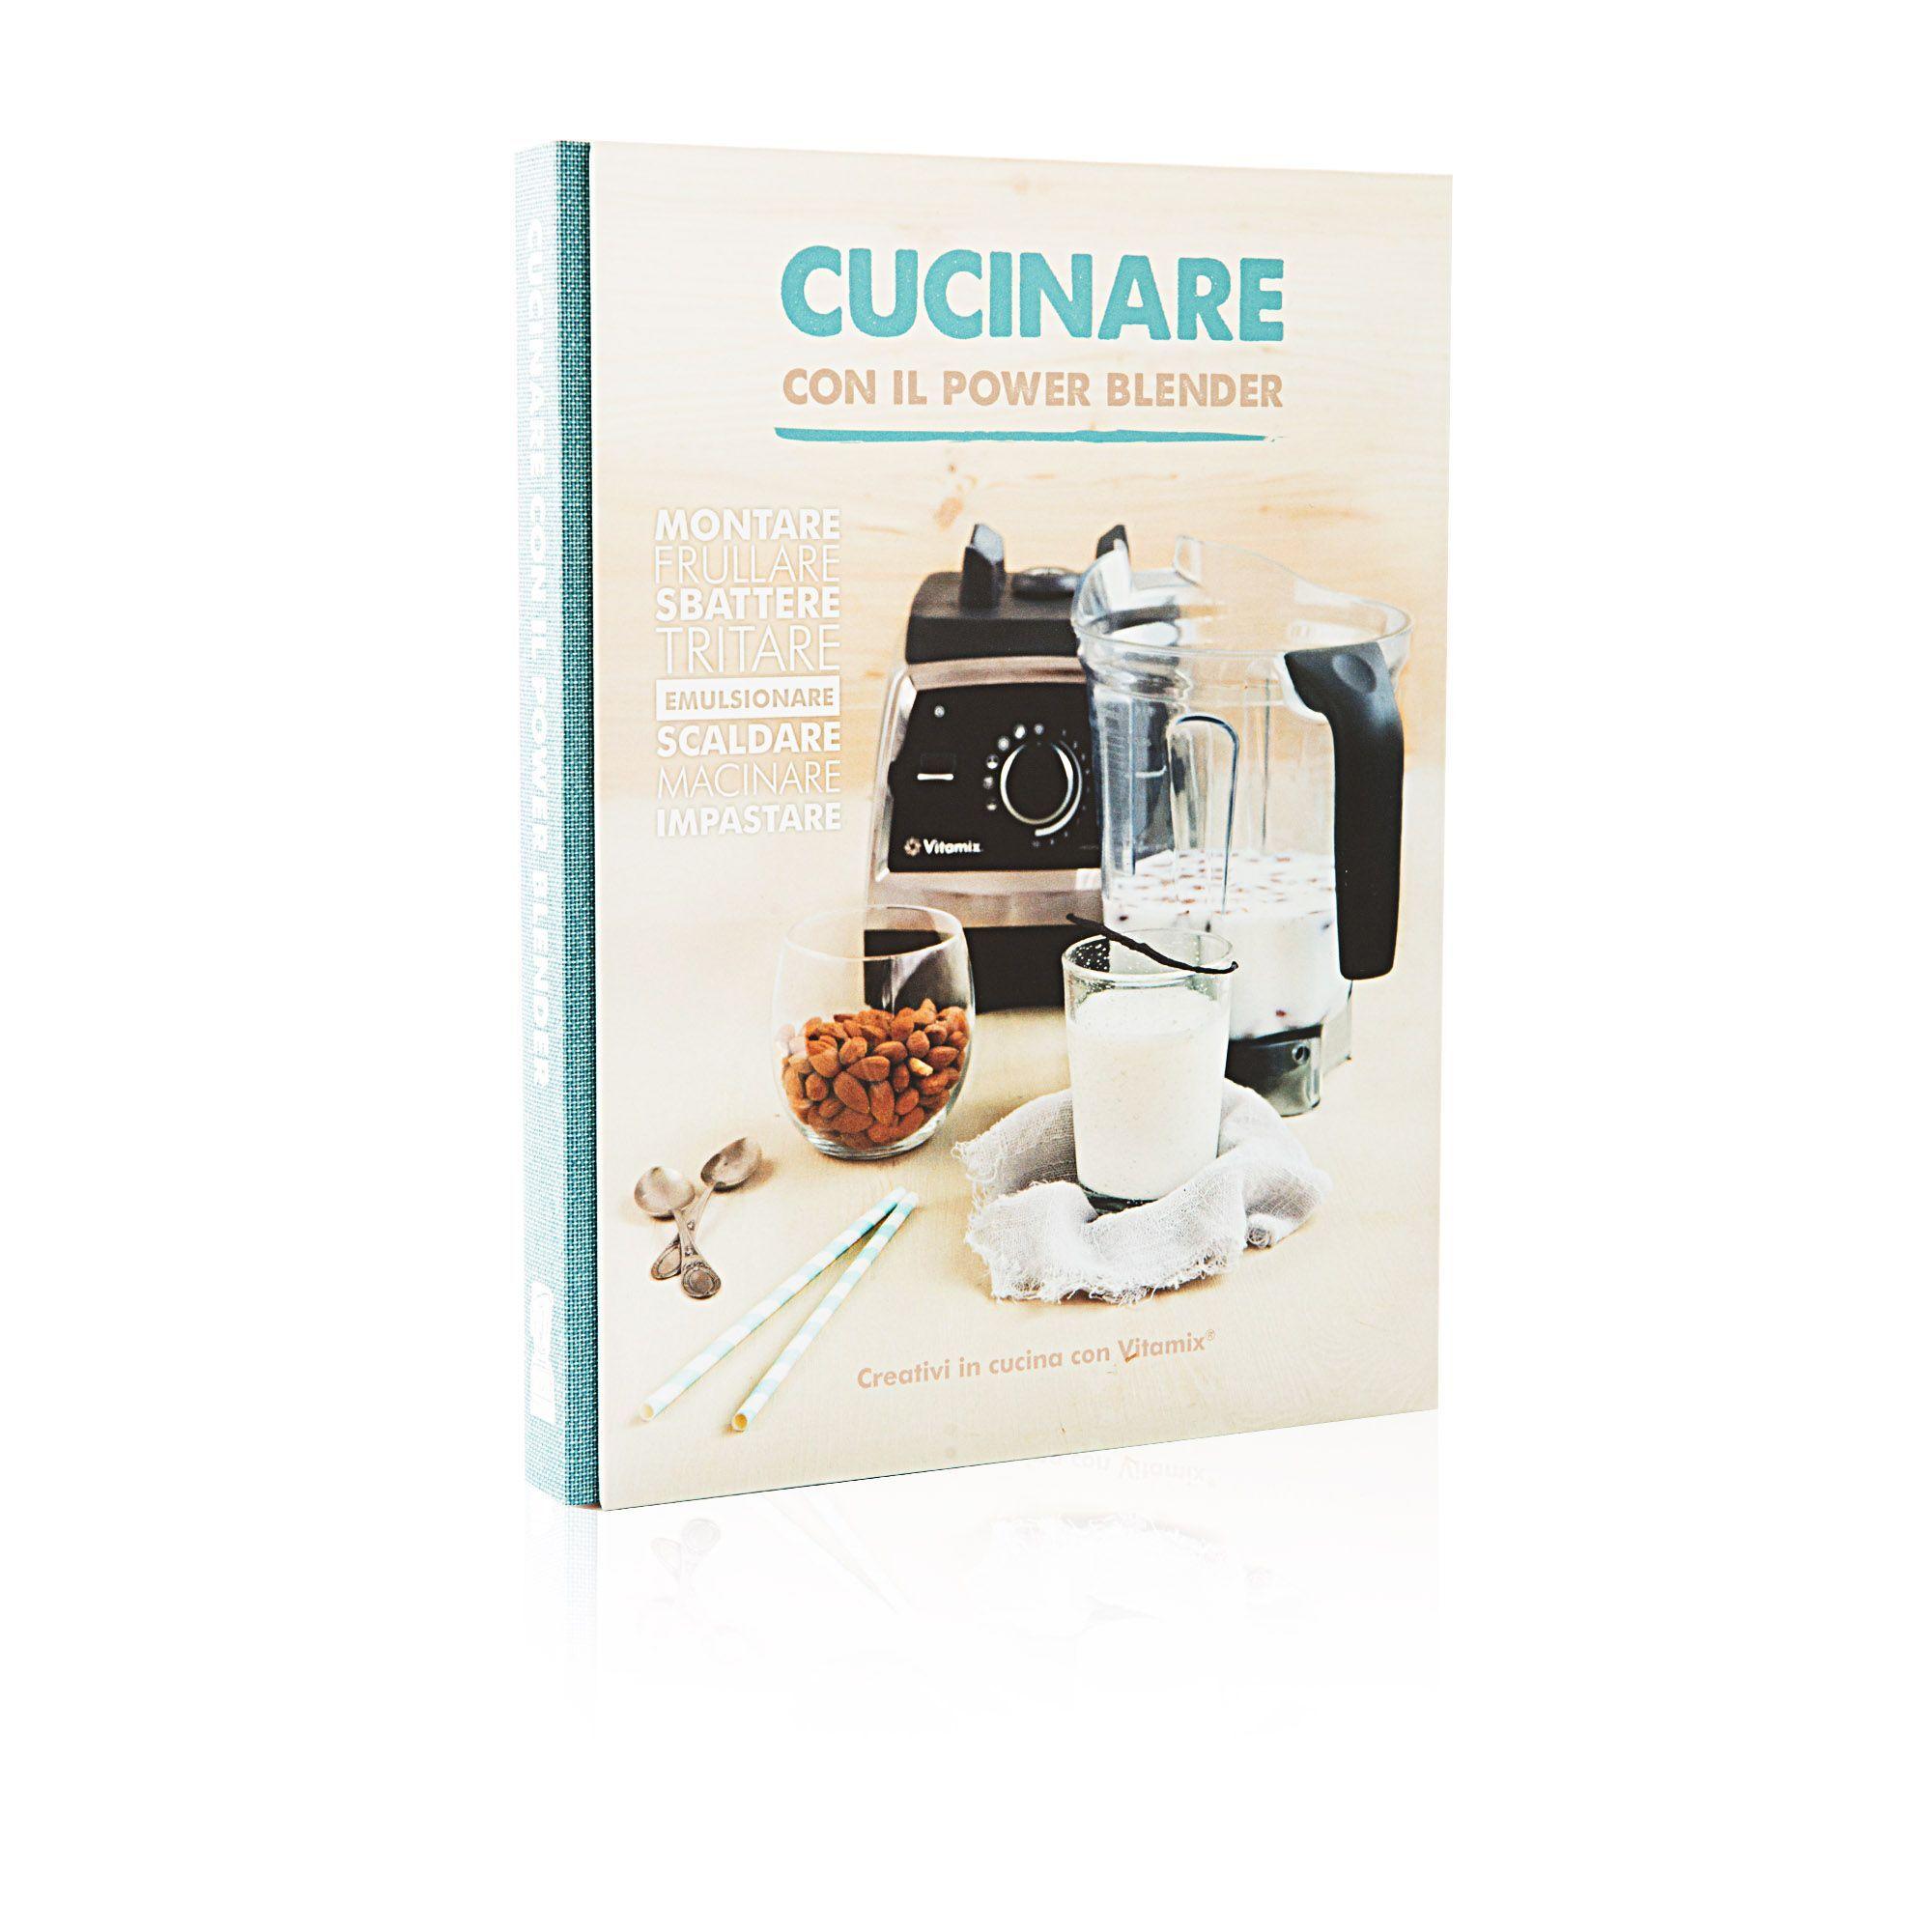 vitamix cucinare con il power blender, libro di ricette